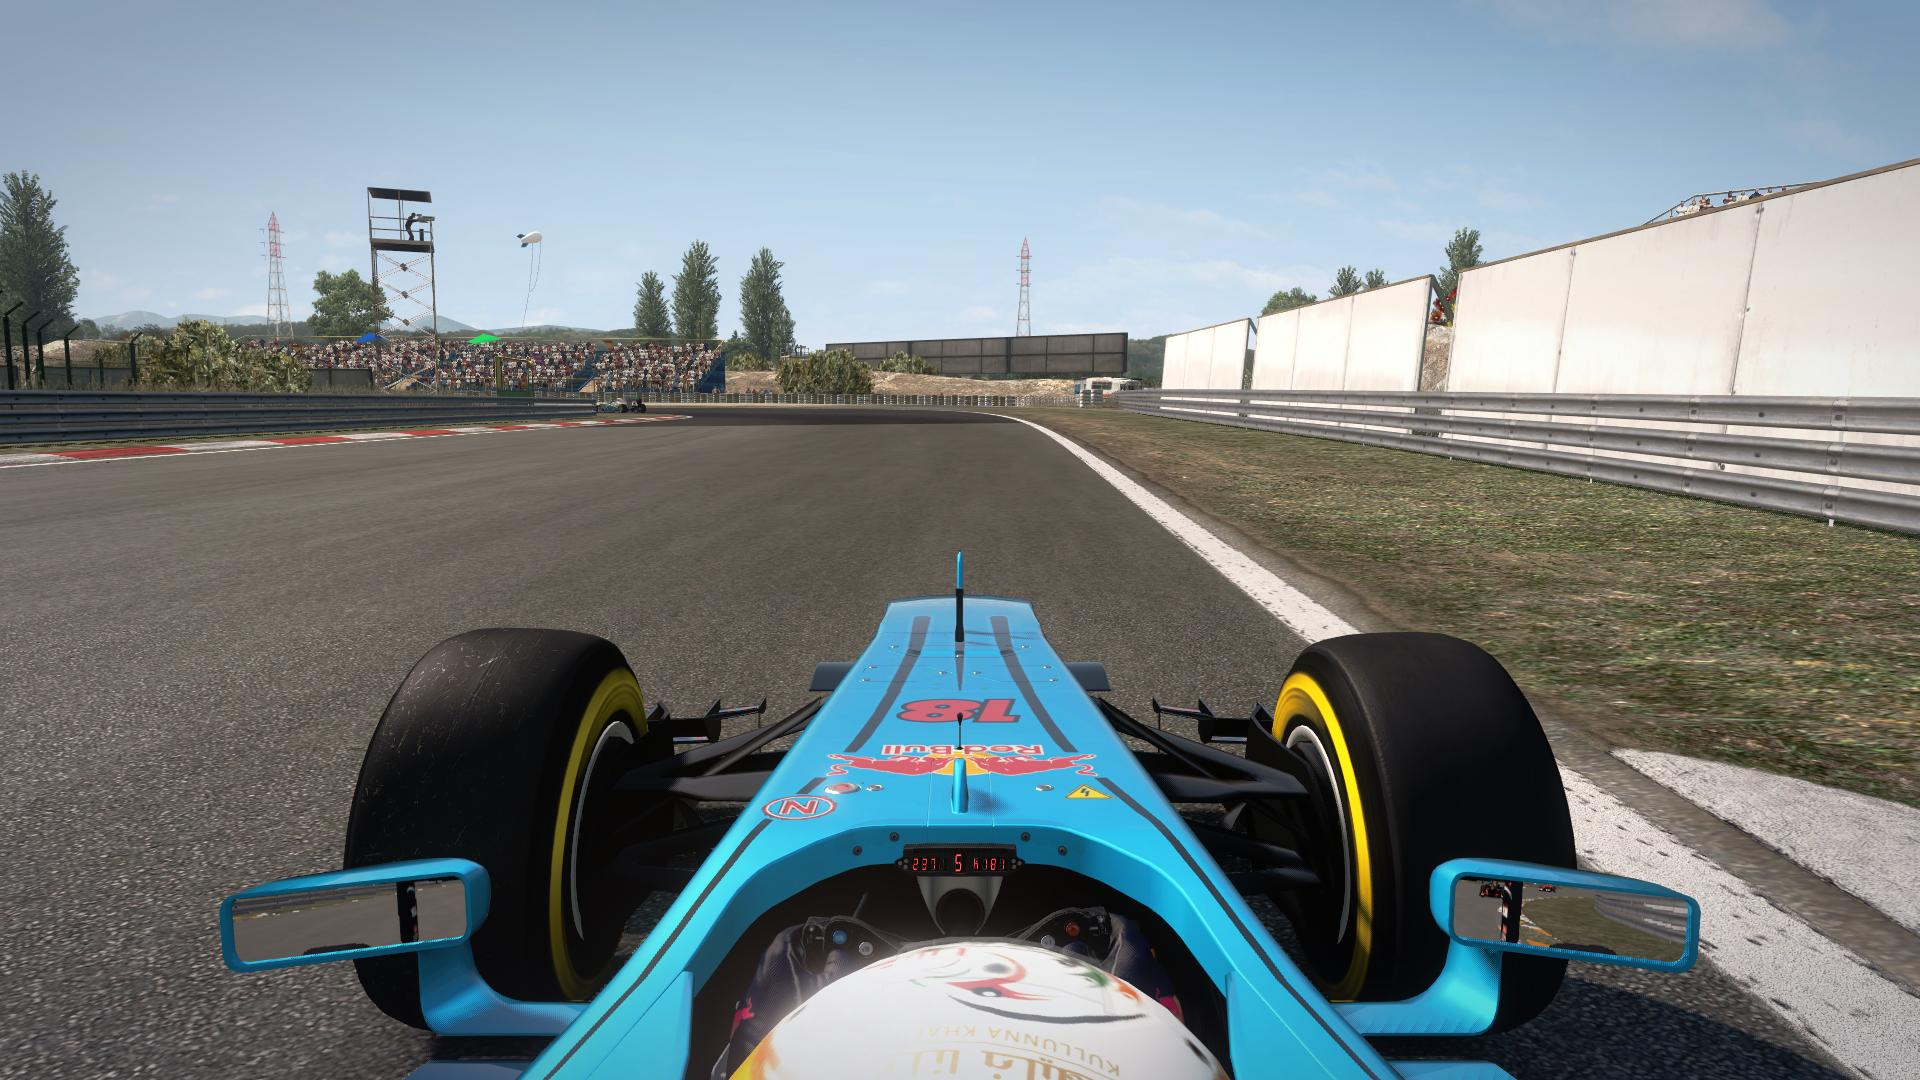 F1_2013 2016-08-15 17-55-16-19.jpg